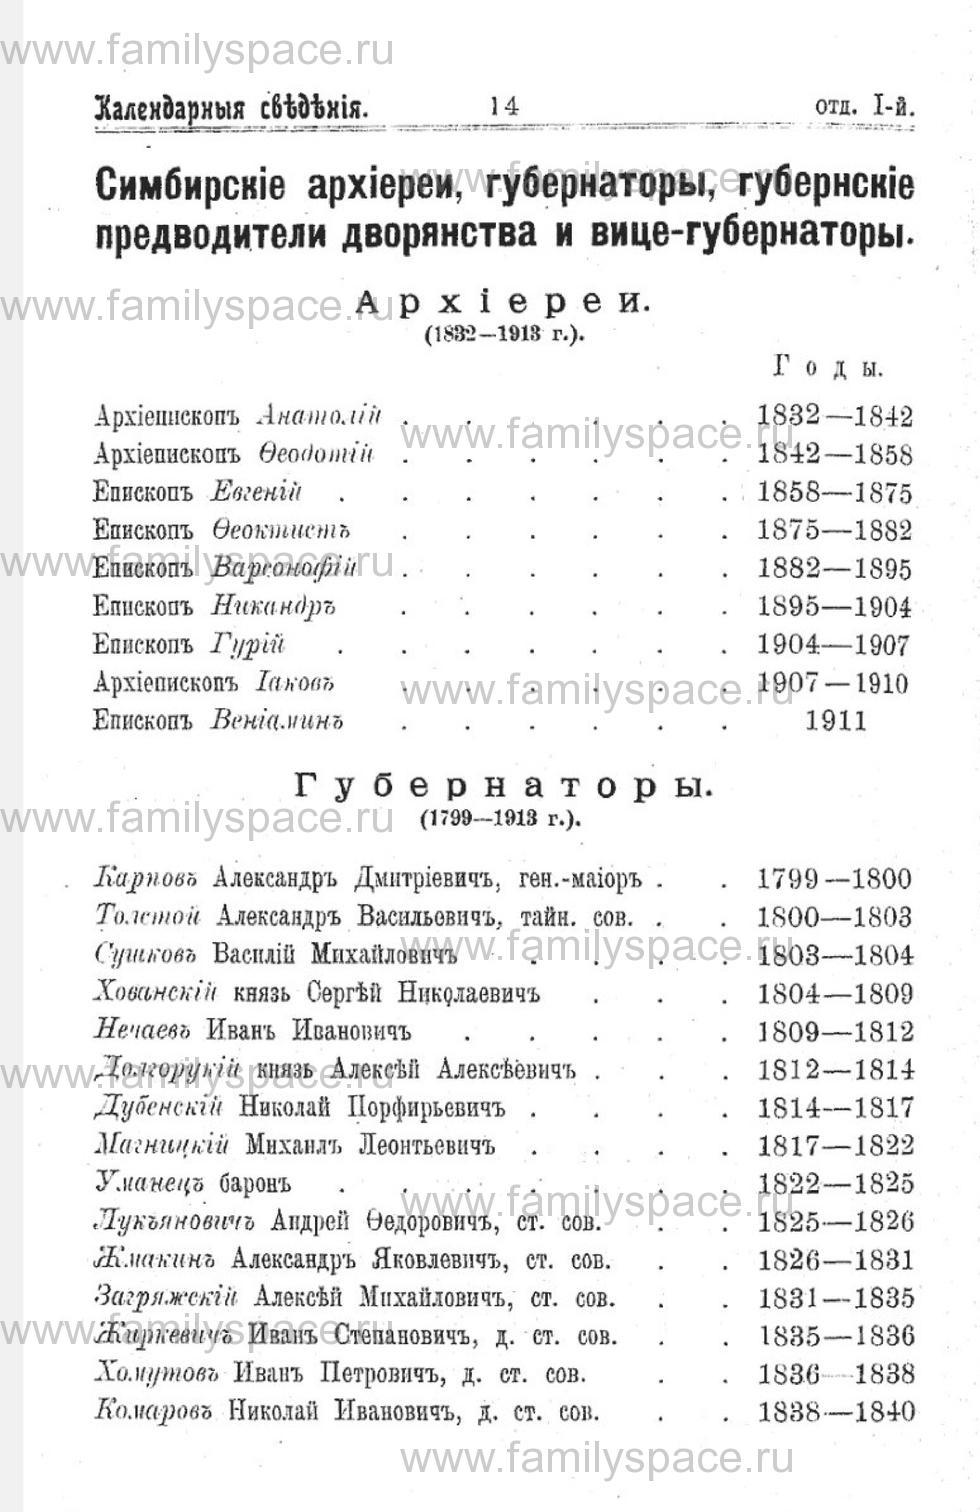 Поиск по фамилии - Справочная книжка и адрес-календарь Симбирской губернии на 1914 год, страница 1014